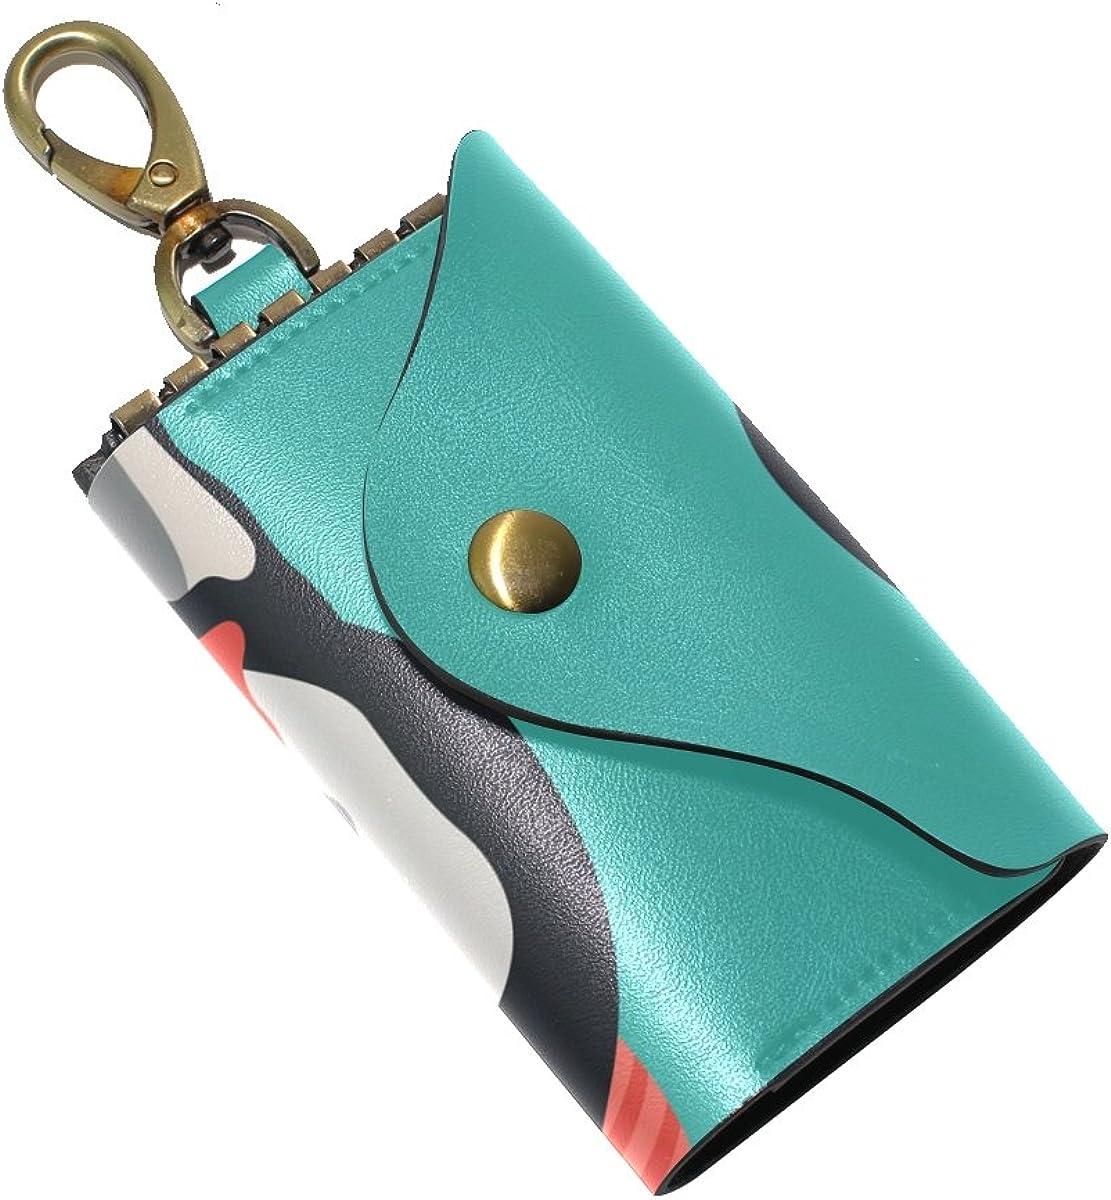 DEYYA Cartoon Husky Dog Leather Key Case Wallets Unisex Keychain Key Holder with 6 Hooks Snap Closure